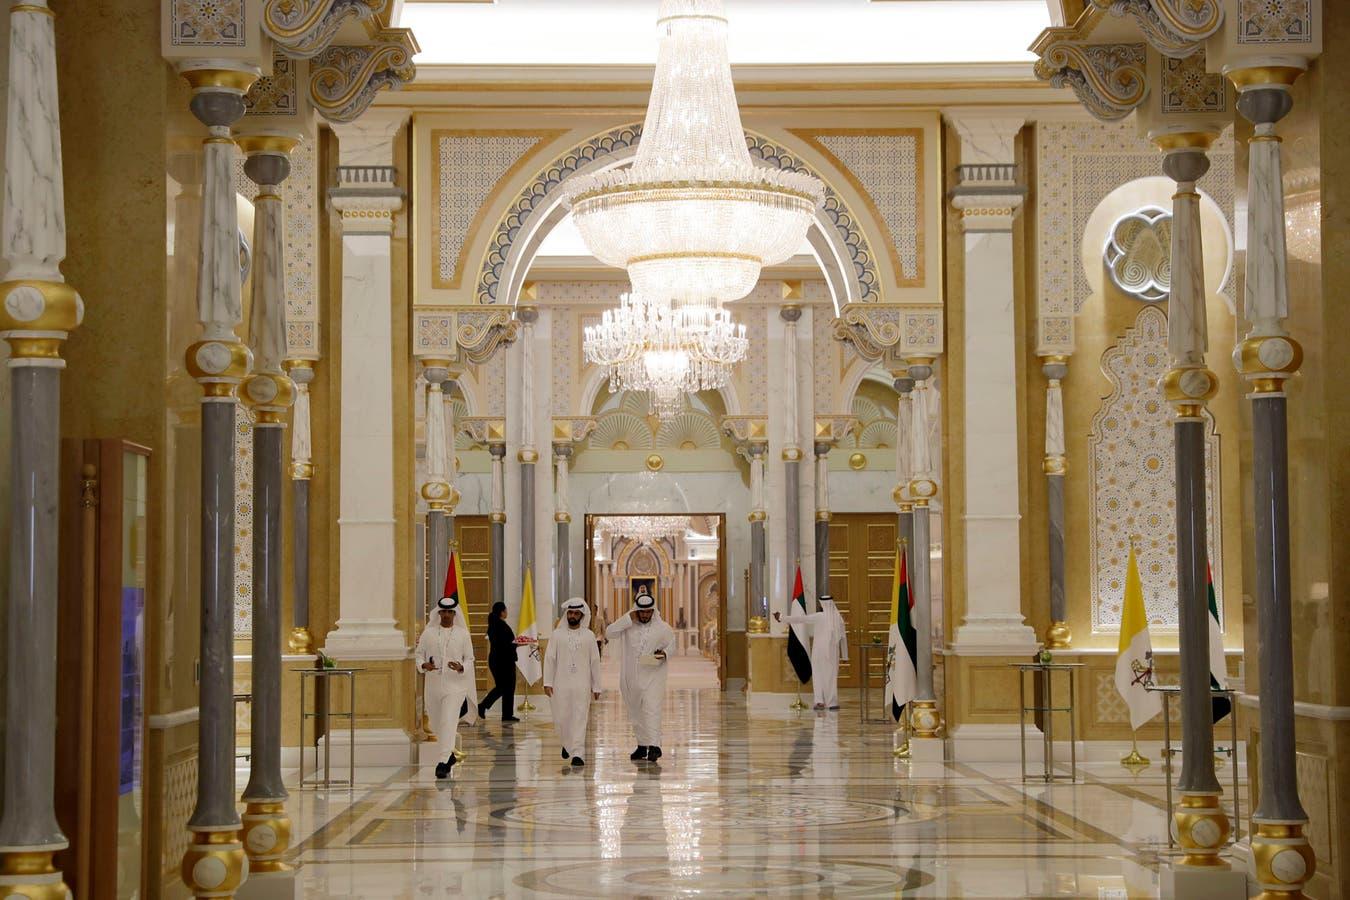 Una vista del interior del Palacio Presidencial antes de la ceremonia de bienvenida para el Papa Francisco, en Abu Dhabi, Emiratos Árabes Unidos. Francisco llegó al palacio presidencial para comenzar oficialmente su histórica visita a los Emiratos Árabes.